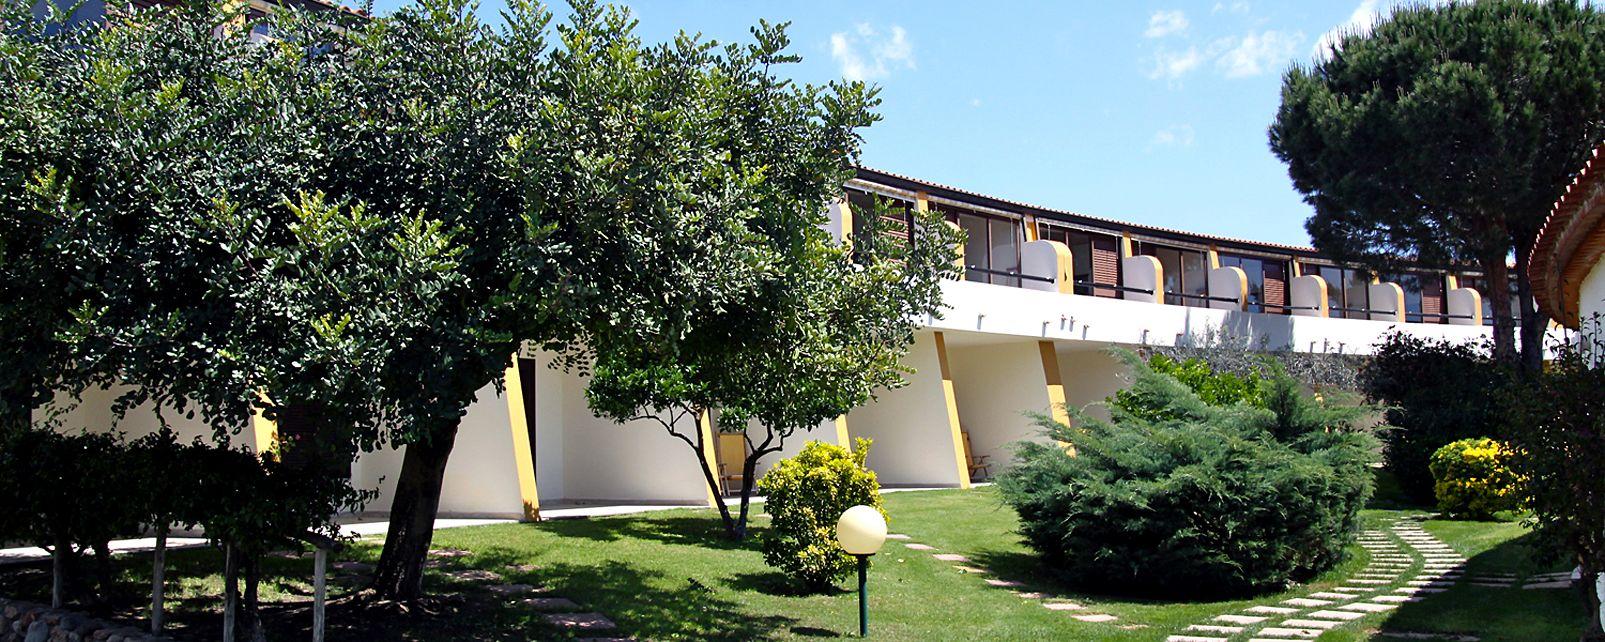 Hotel Cormoran hotel